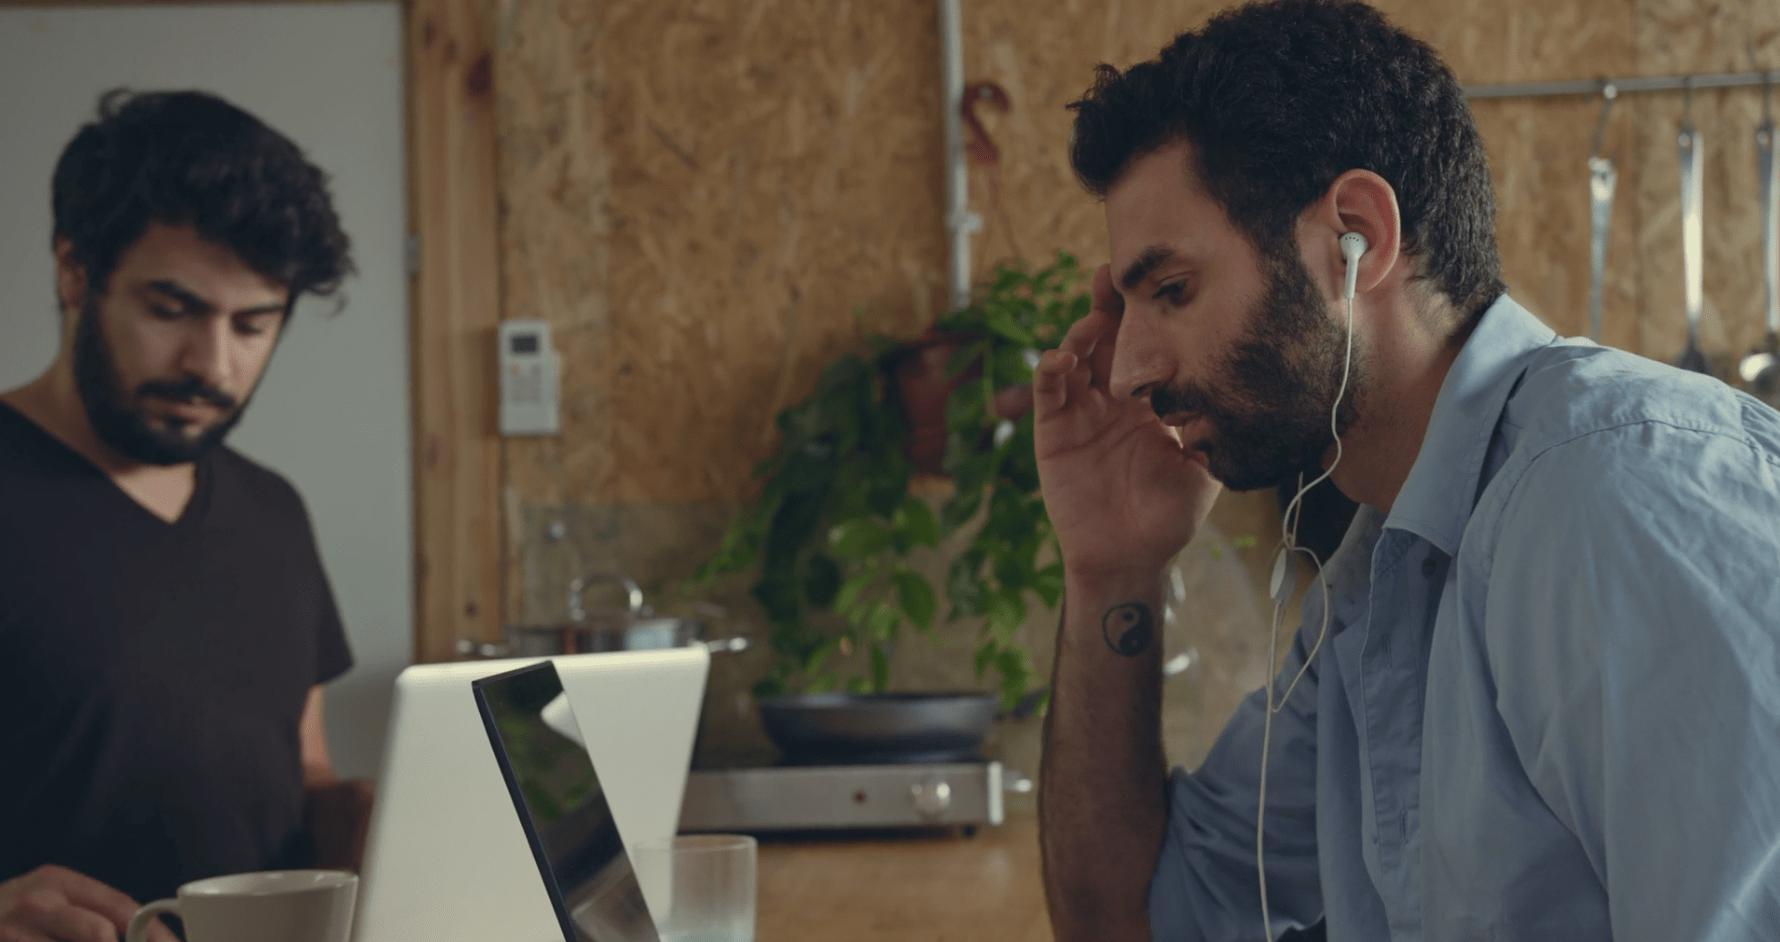 5 reasons you may be failing at video